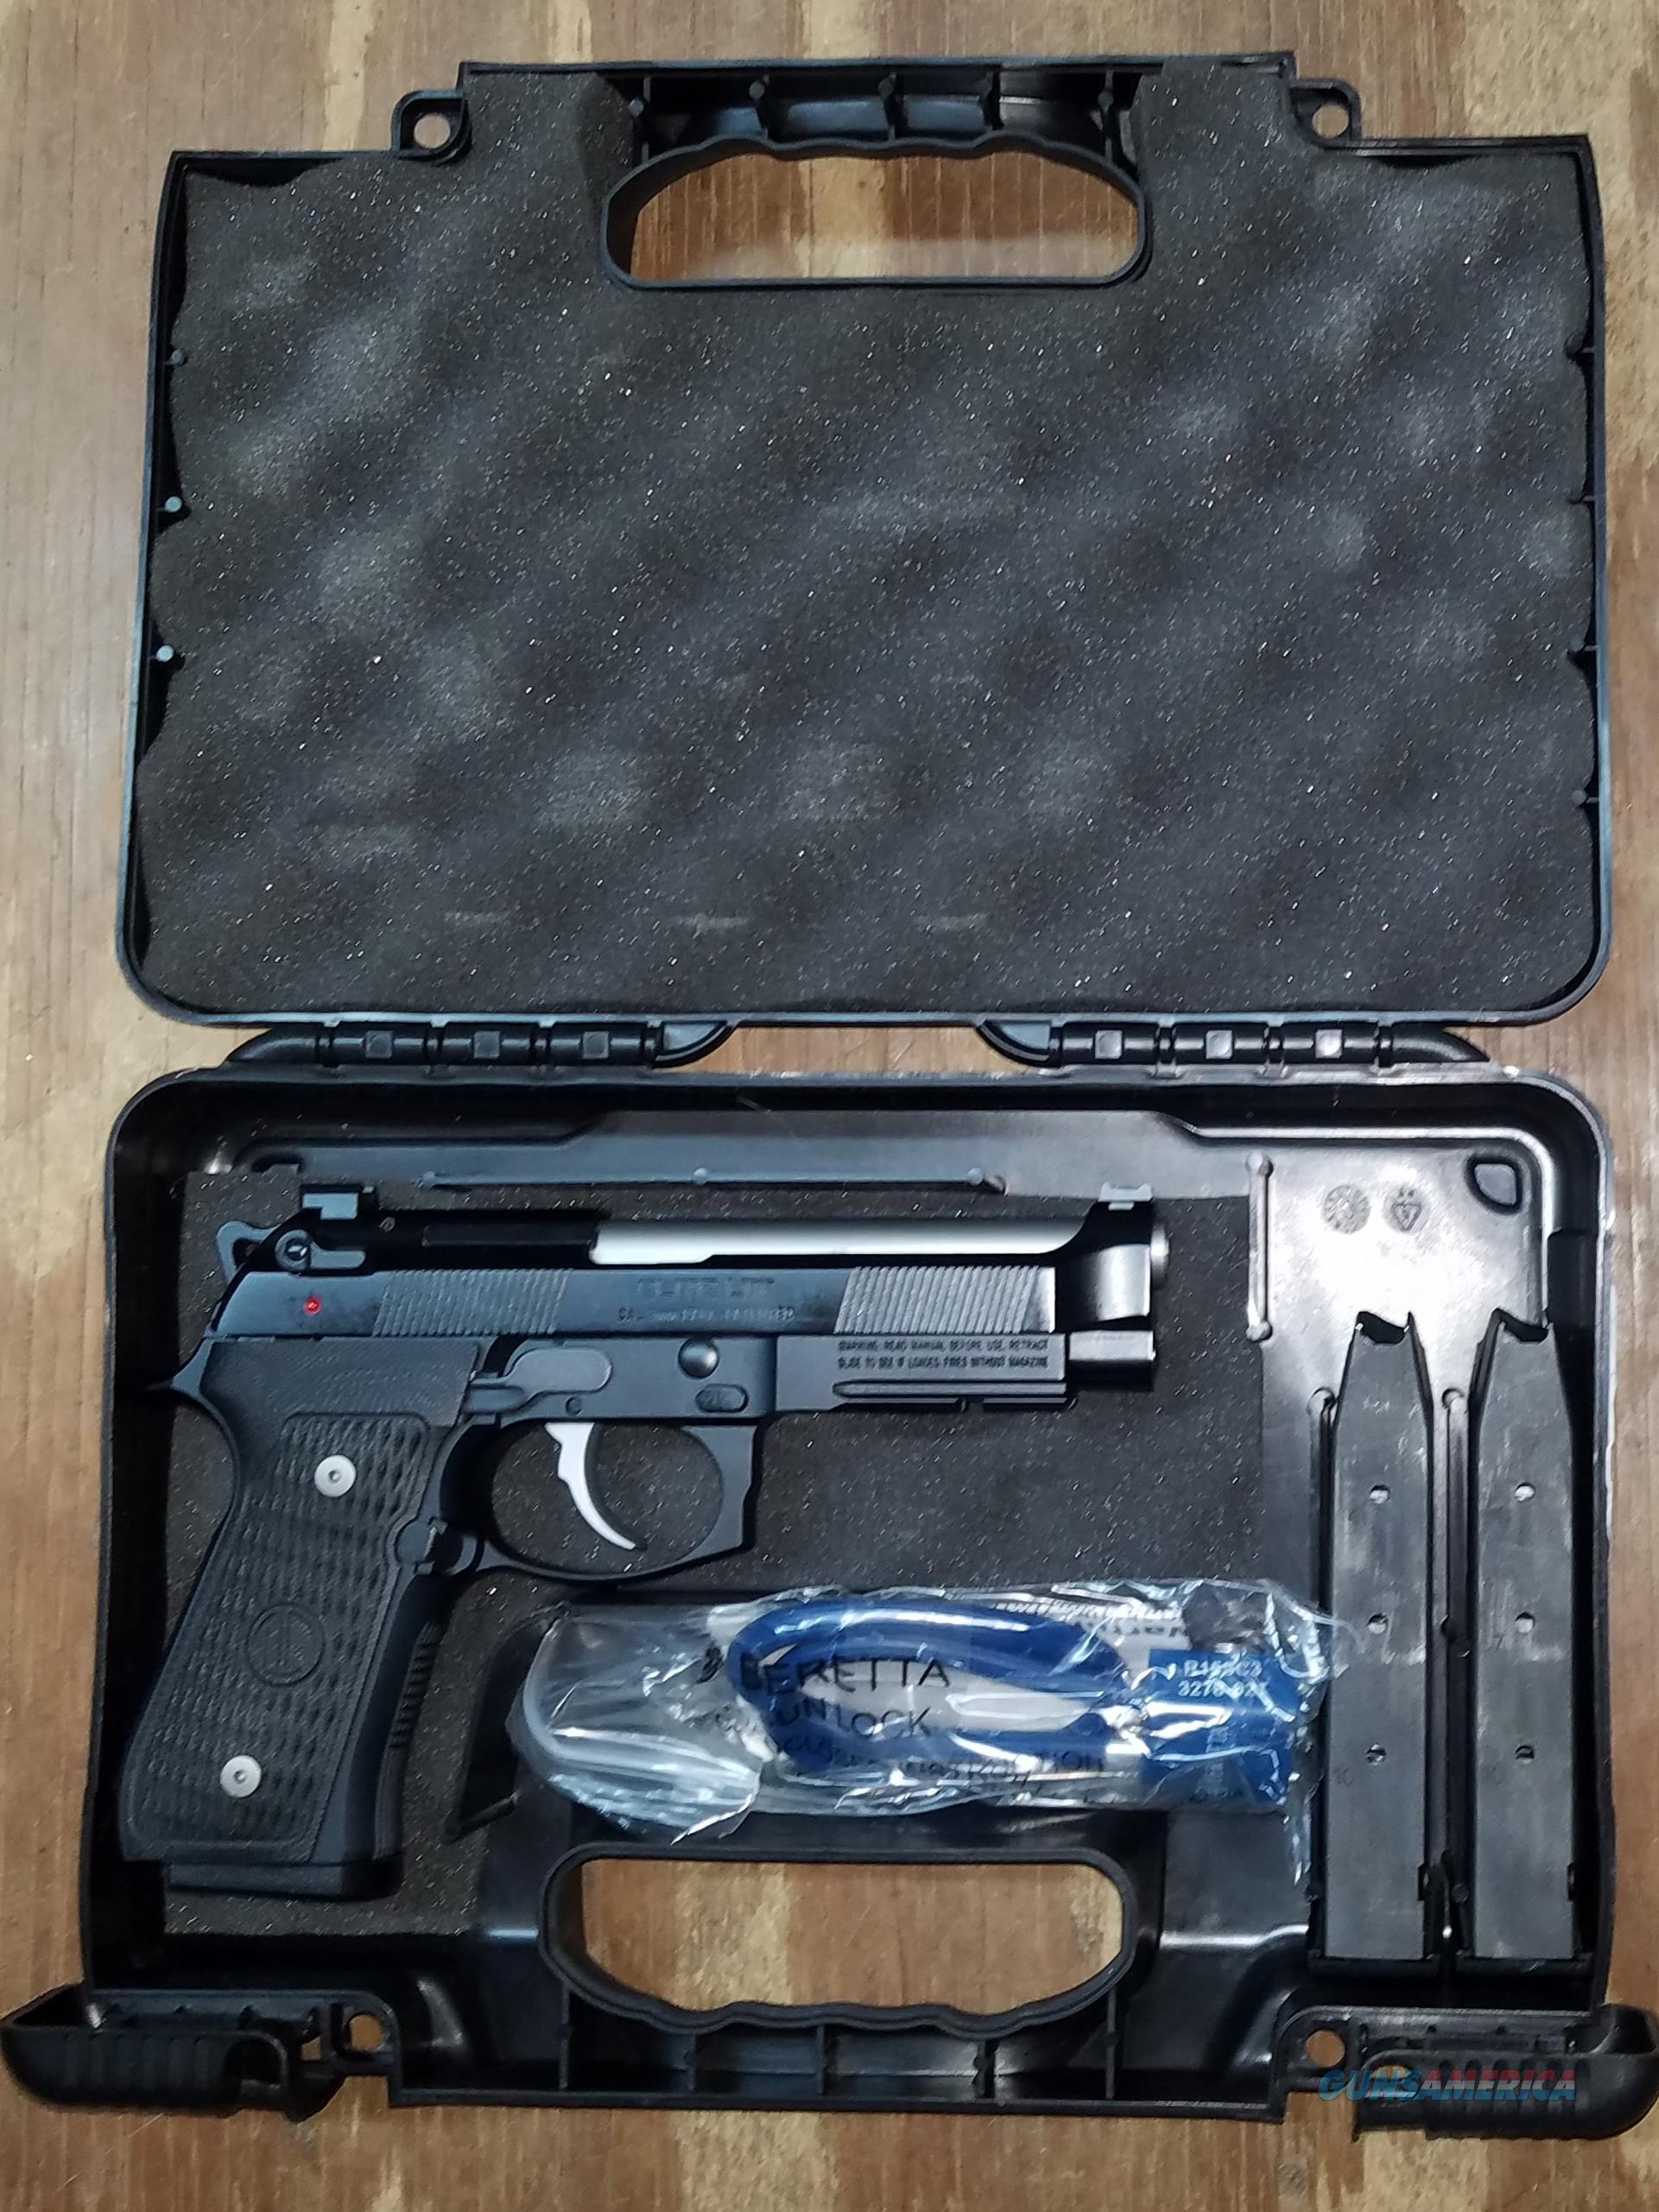 Beretta 92G J92G9LTT Elite LTT 9mm Luger Pistol  Guns > Pistols > Beretta Pistols > Model 92 Series